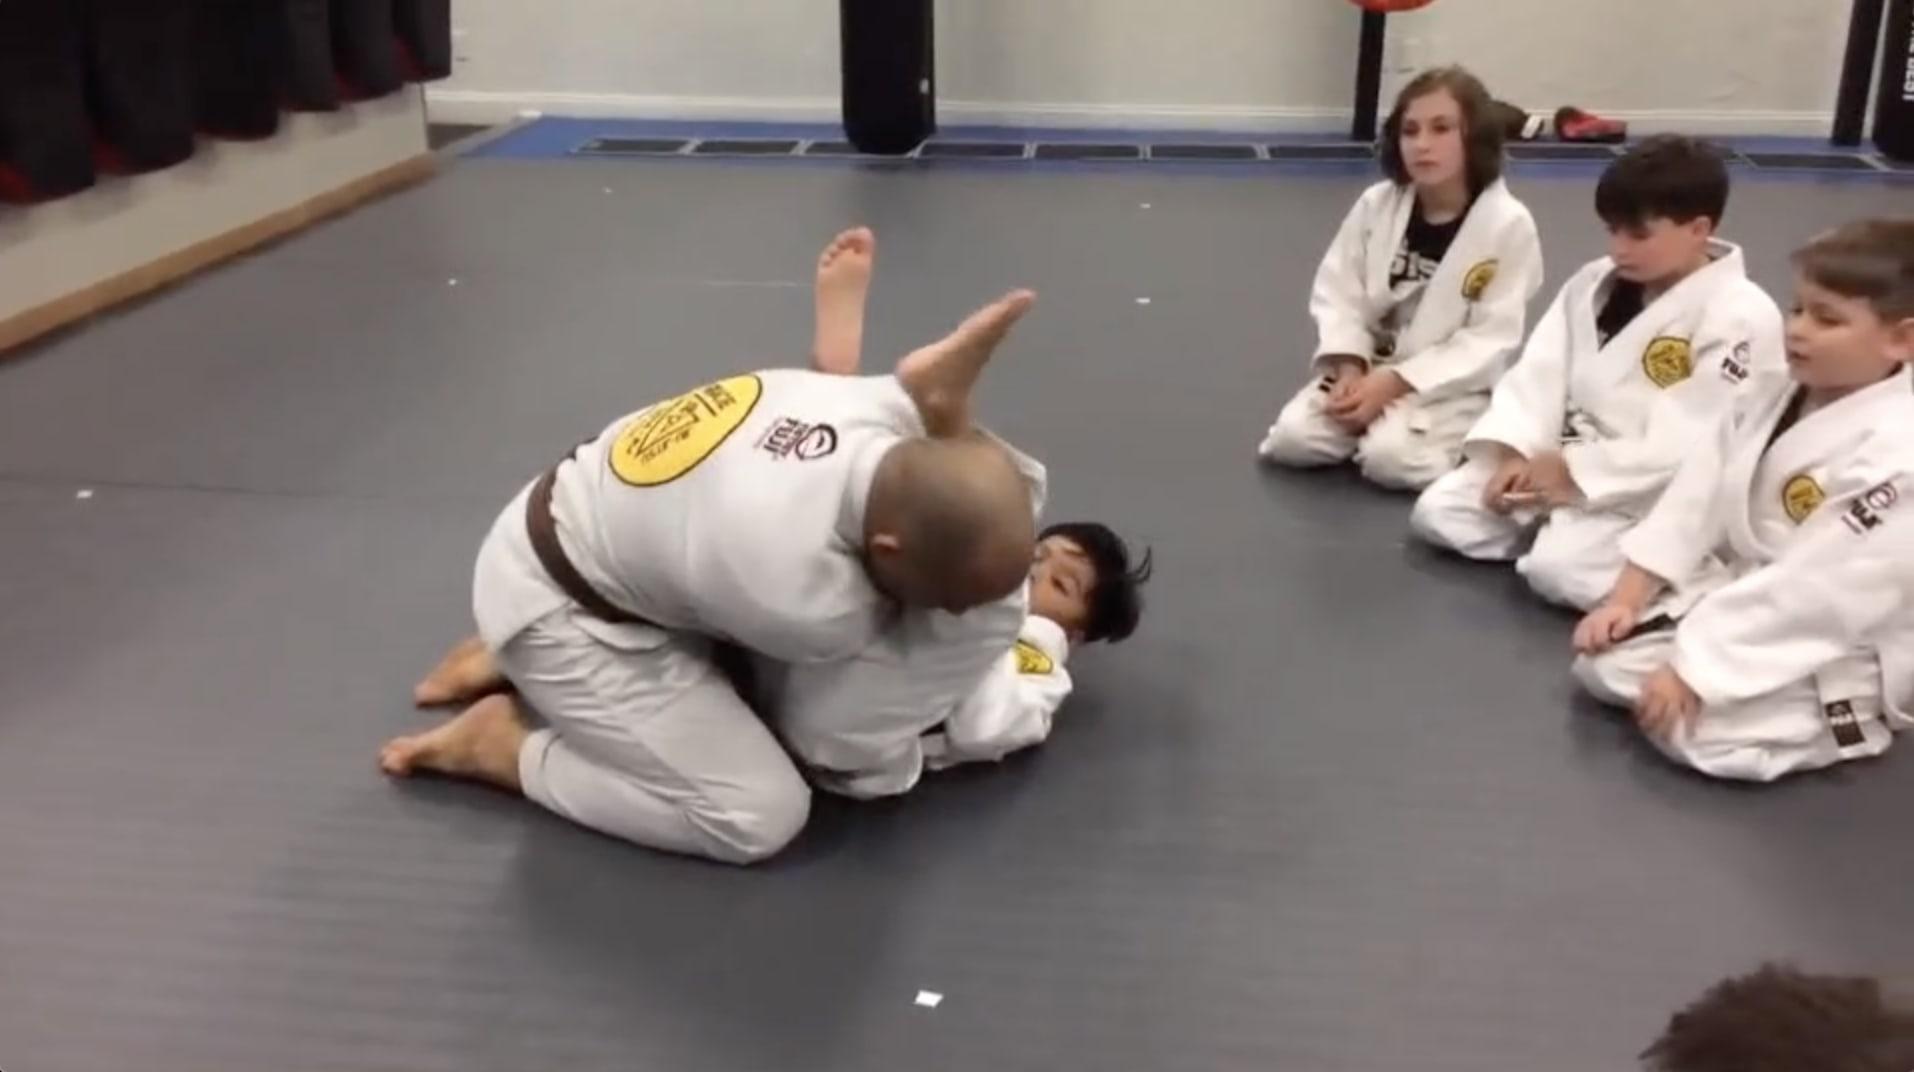 Nyack Kids Martial Arts and Jiu Jitsu - 5150 Martial Arts